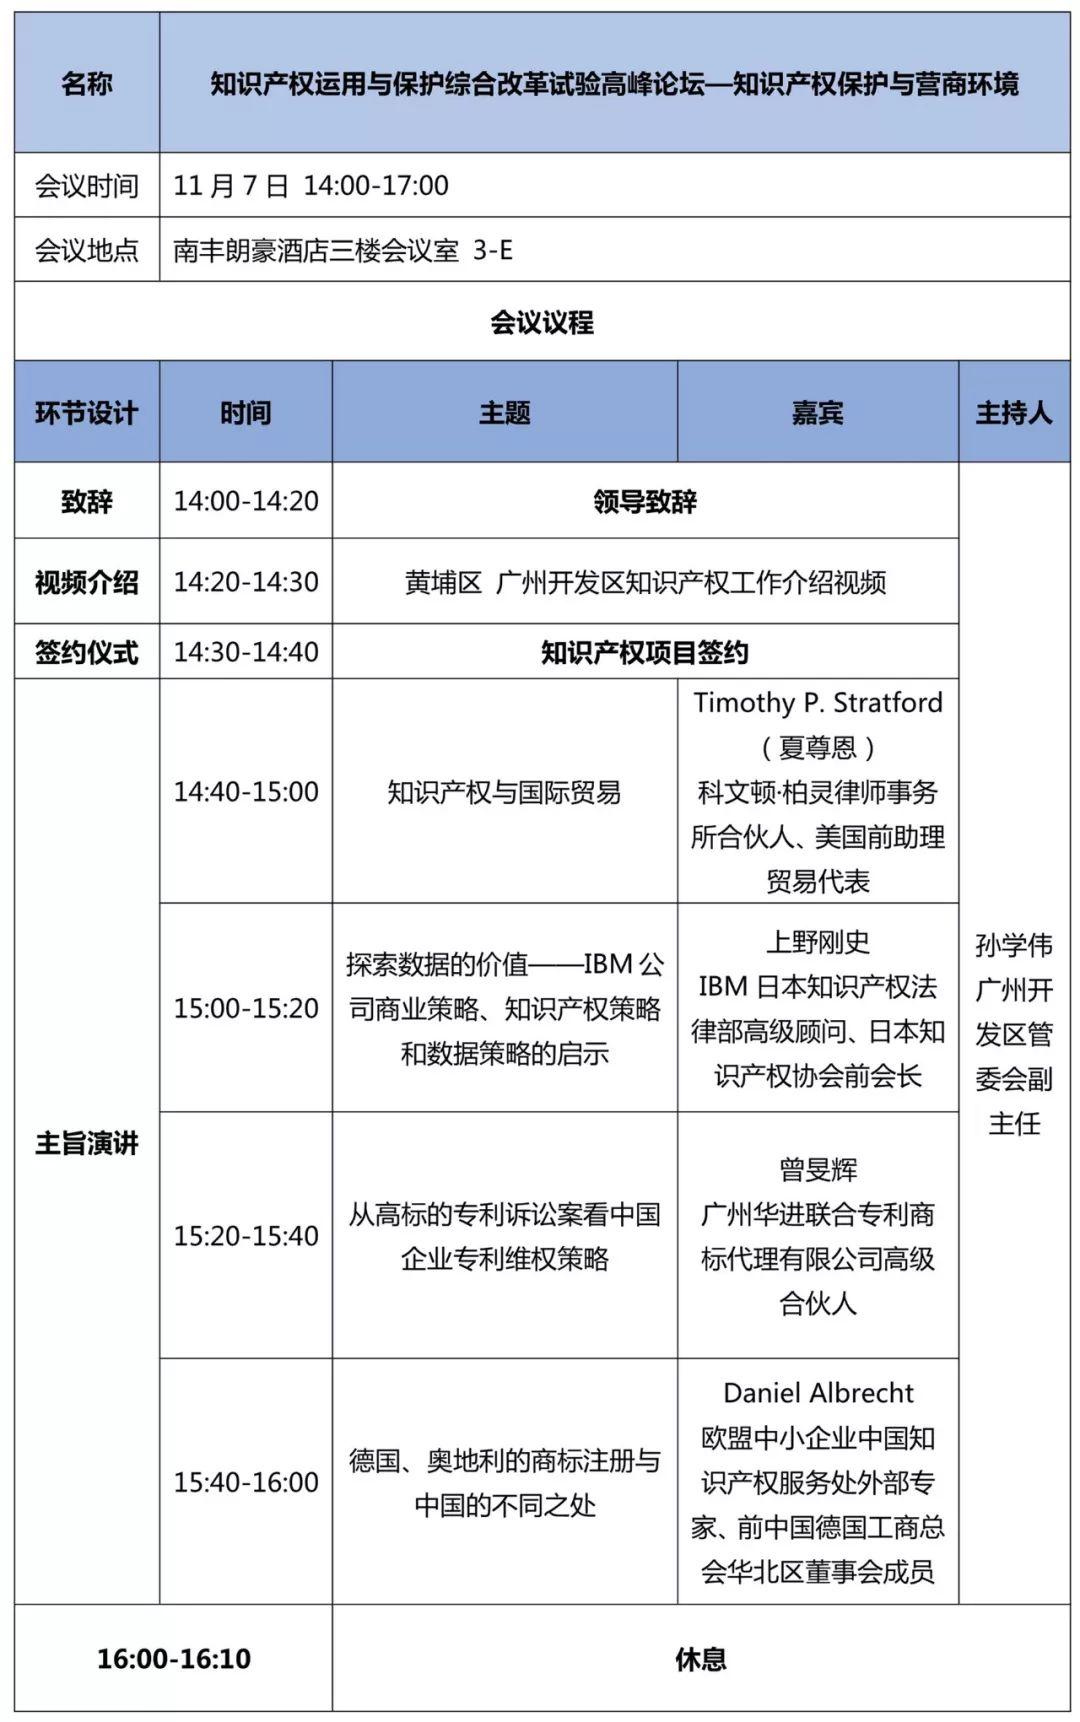 重磅来袭!2018广东知交会「知识产权珠江论坛」议程公布!